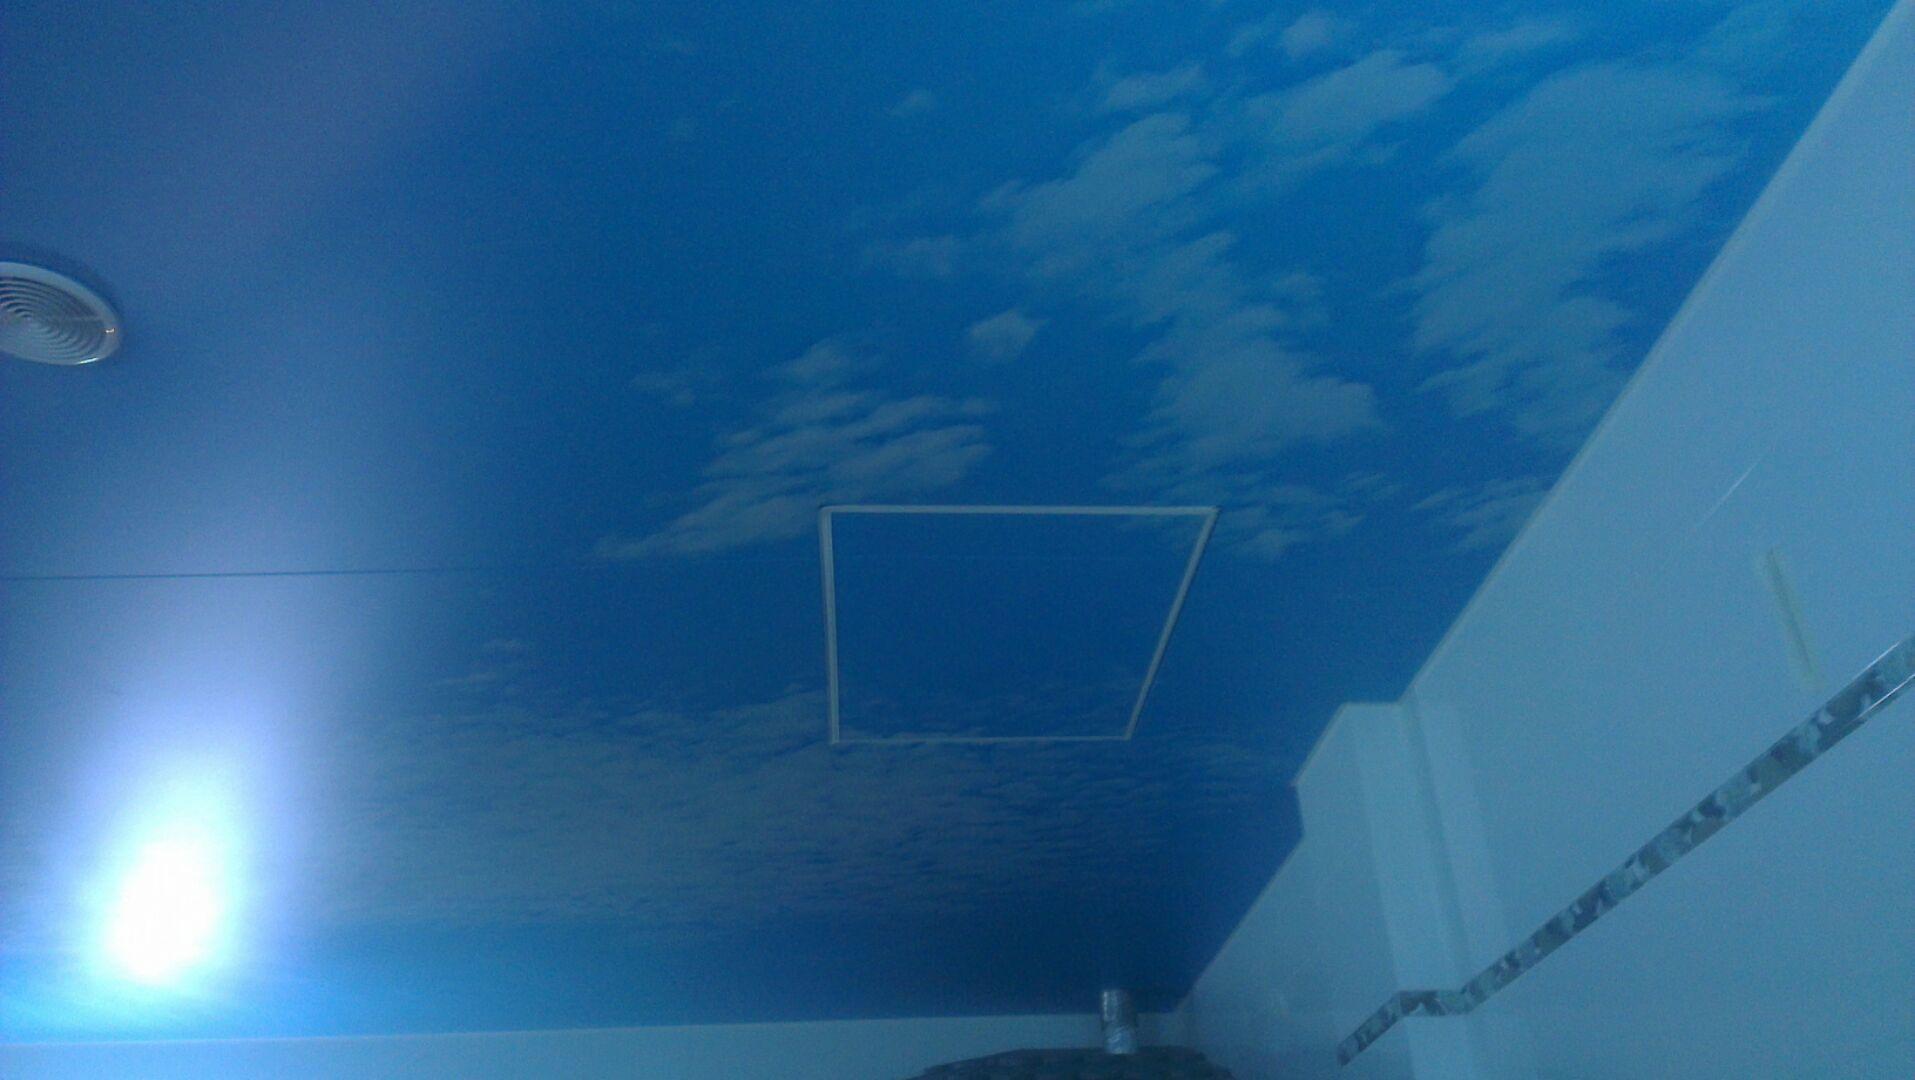 Люк в натяжном потолке - реальность. Главное правильно выполнить его монтаж